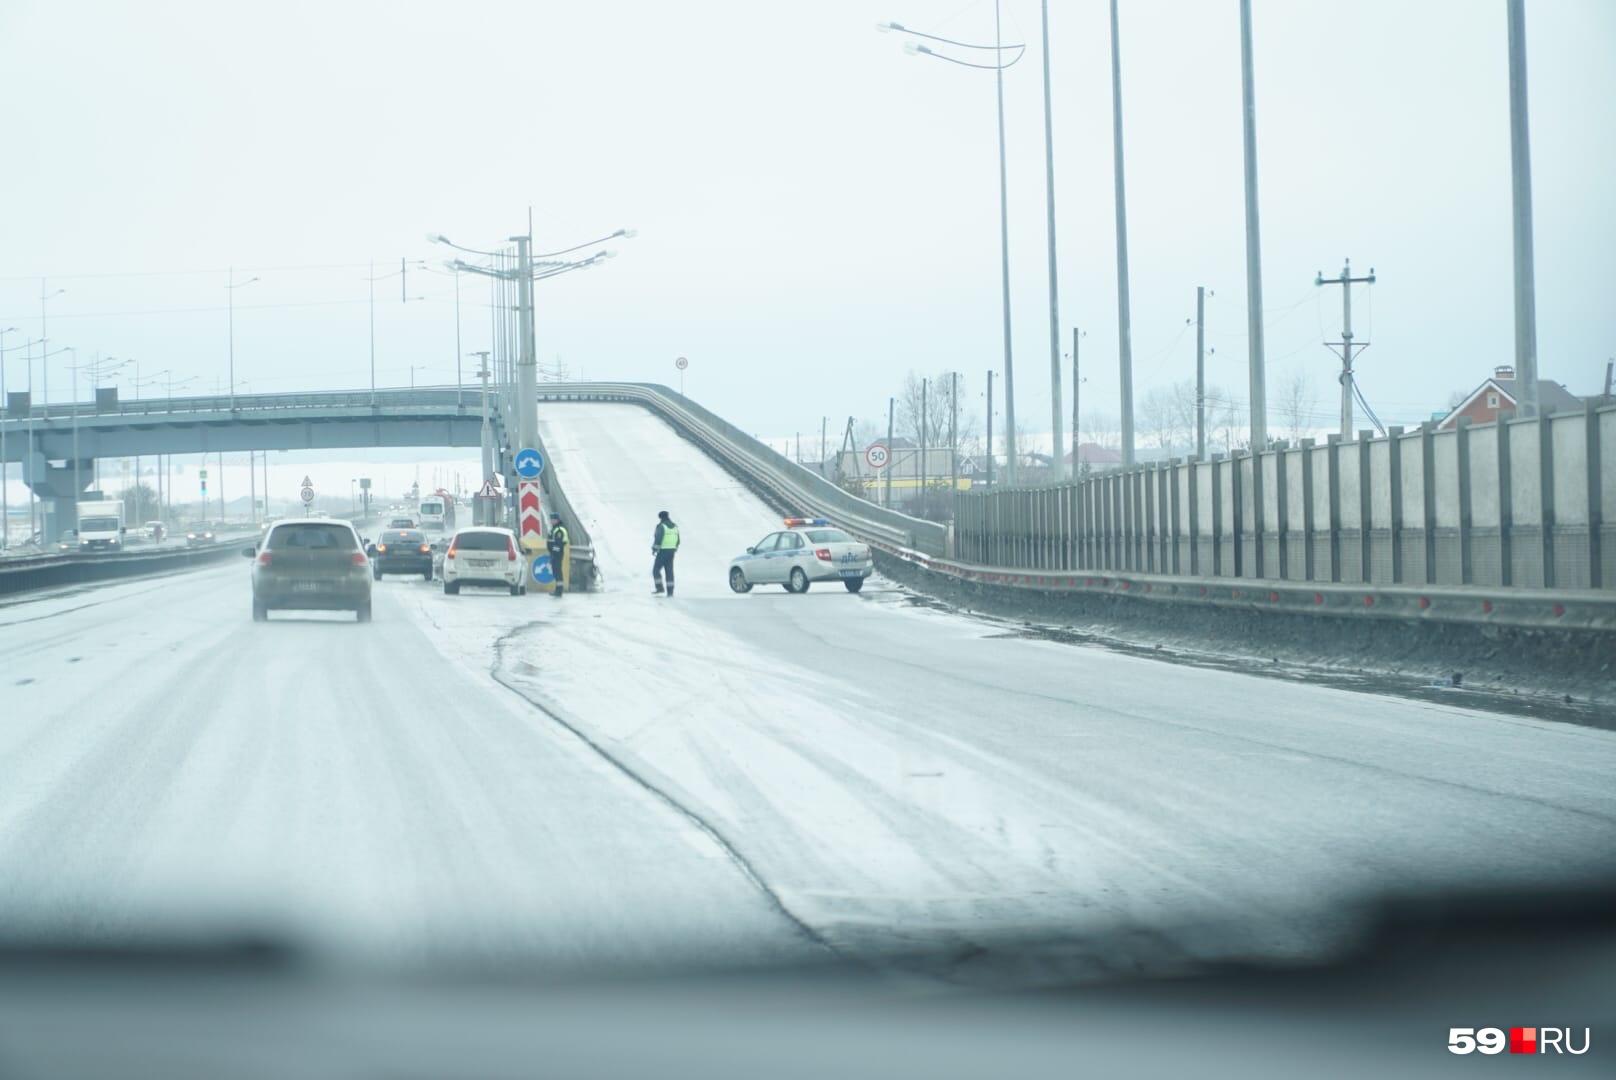 Въезд в аэропорт перегородила полиция